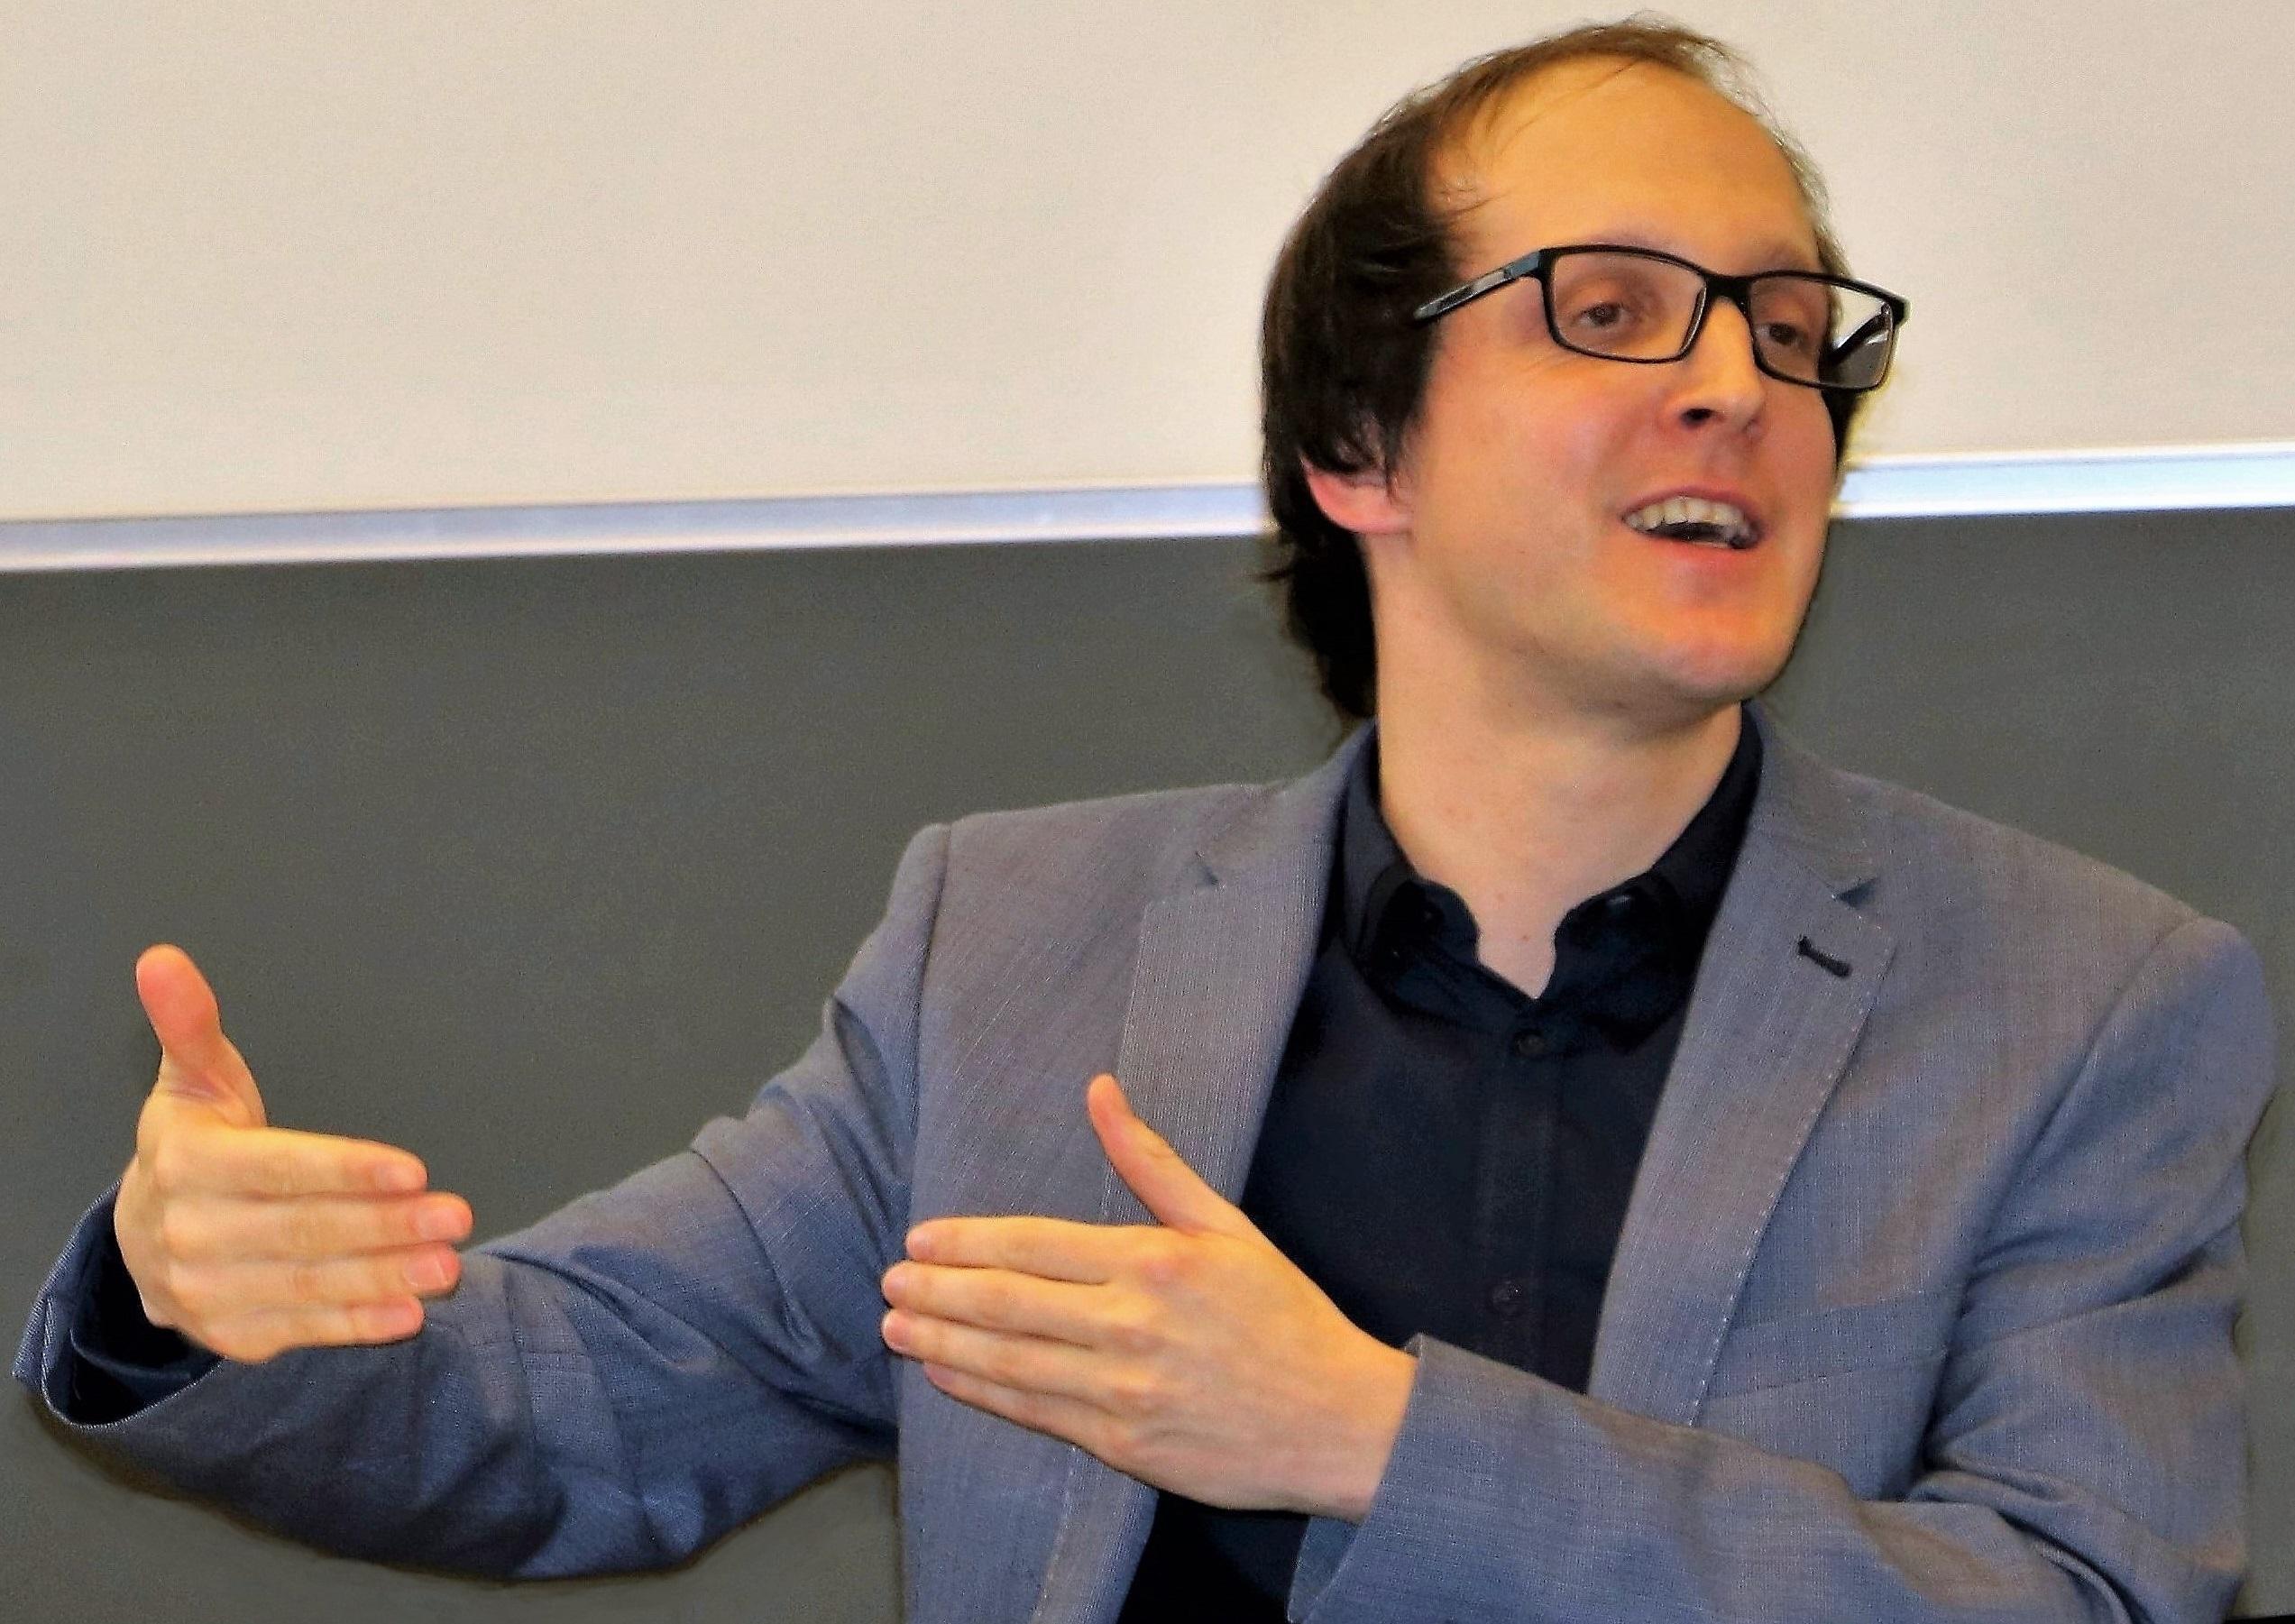 Dr. des. Tizian Zumthurm